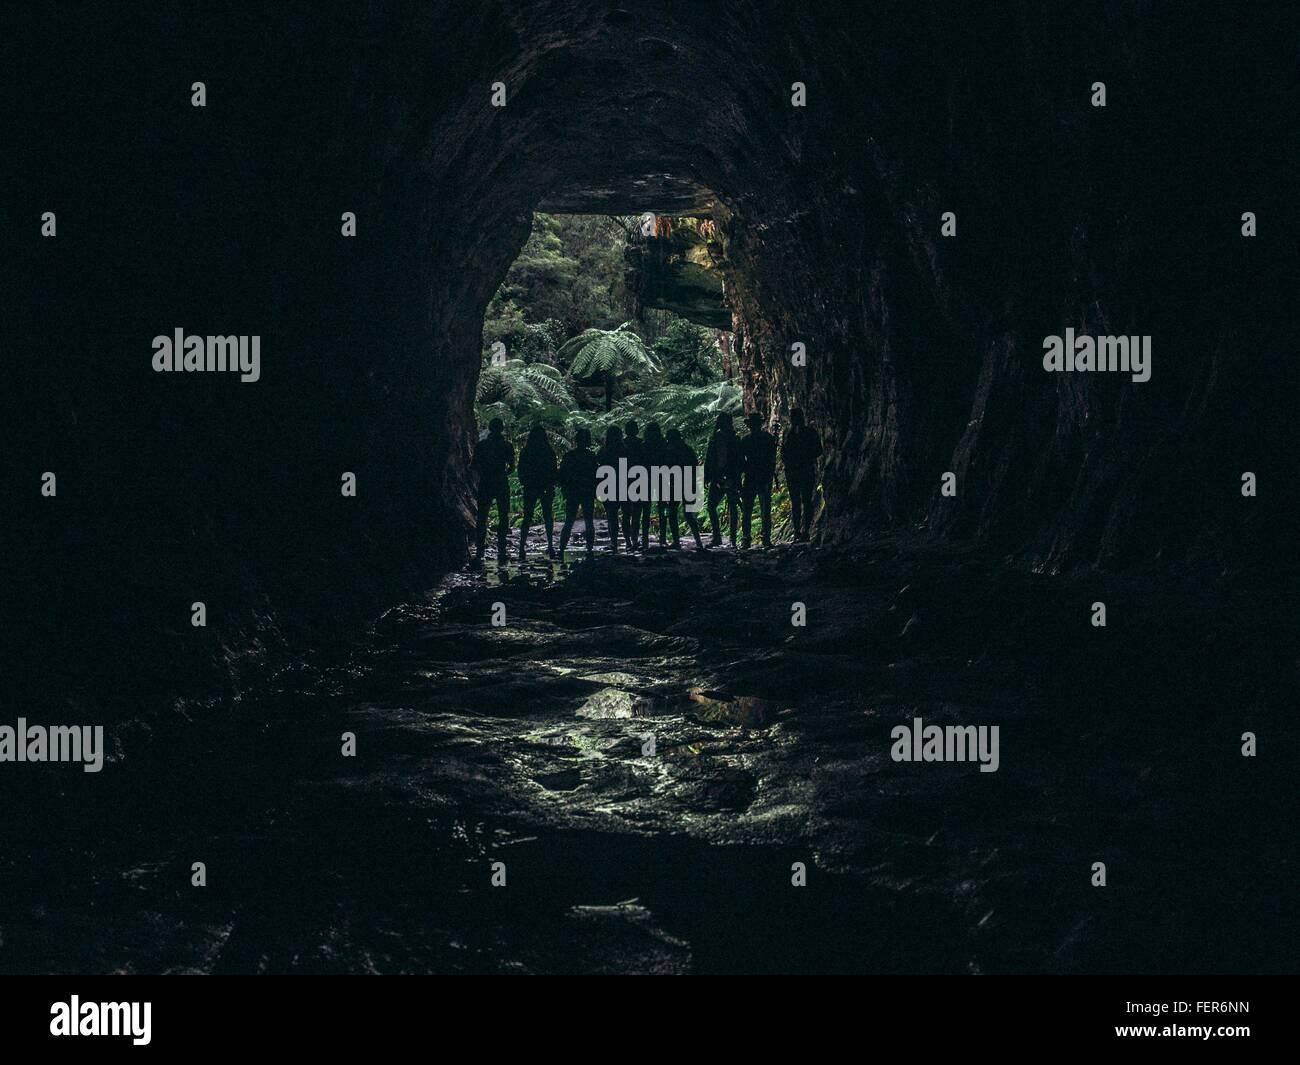 Silhouette des Menschen stehen am Eingang der Höhle Stockbild